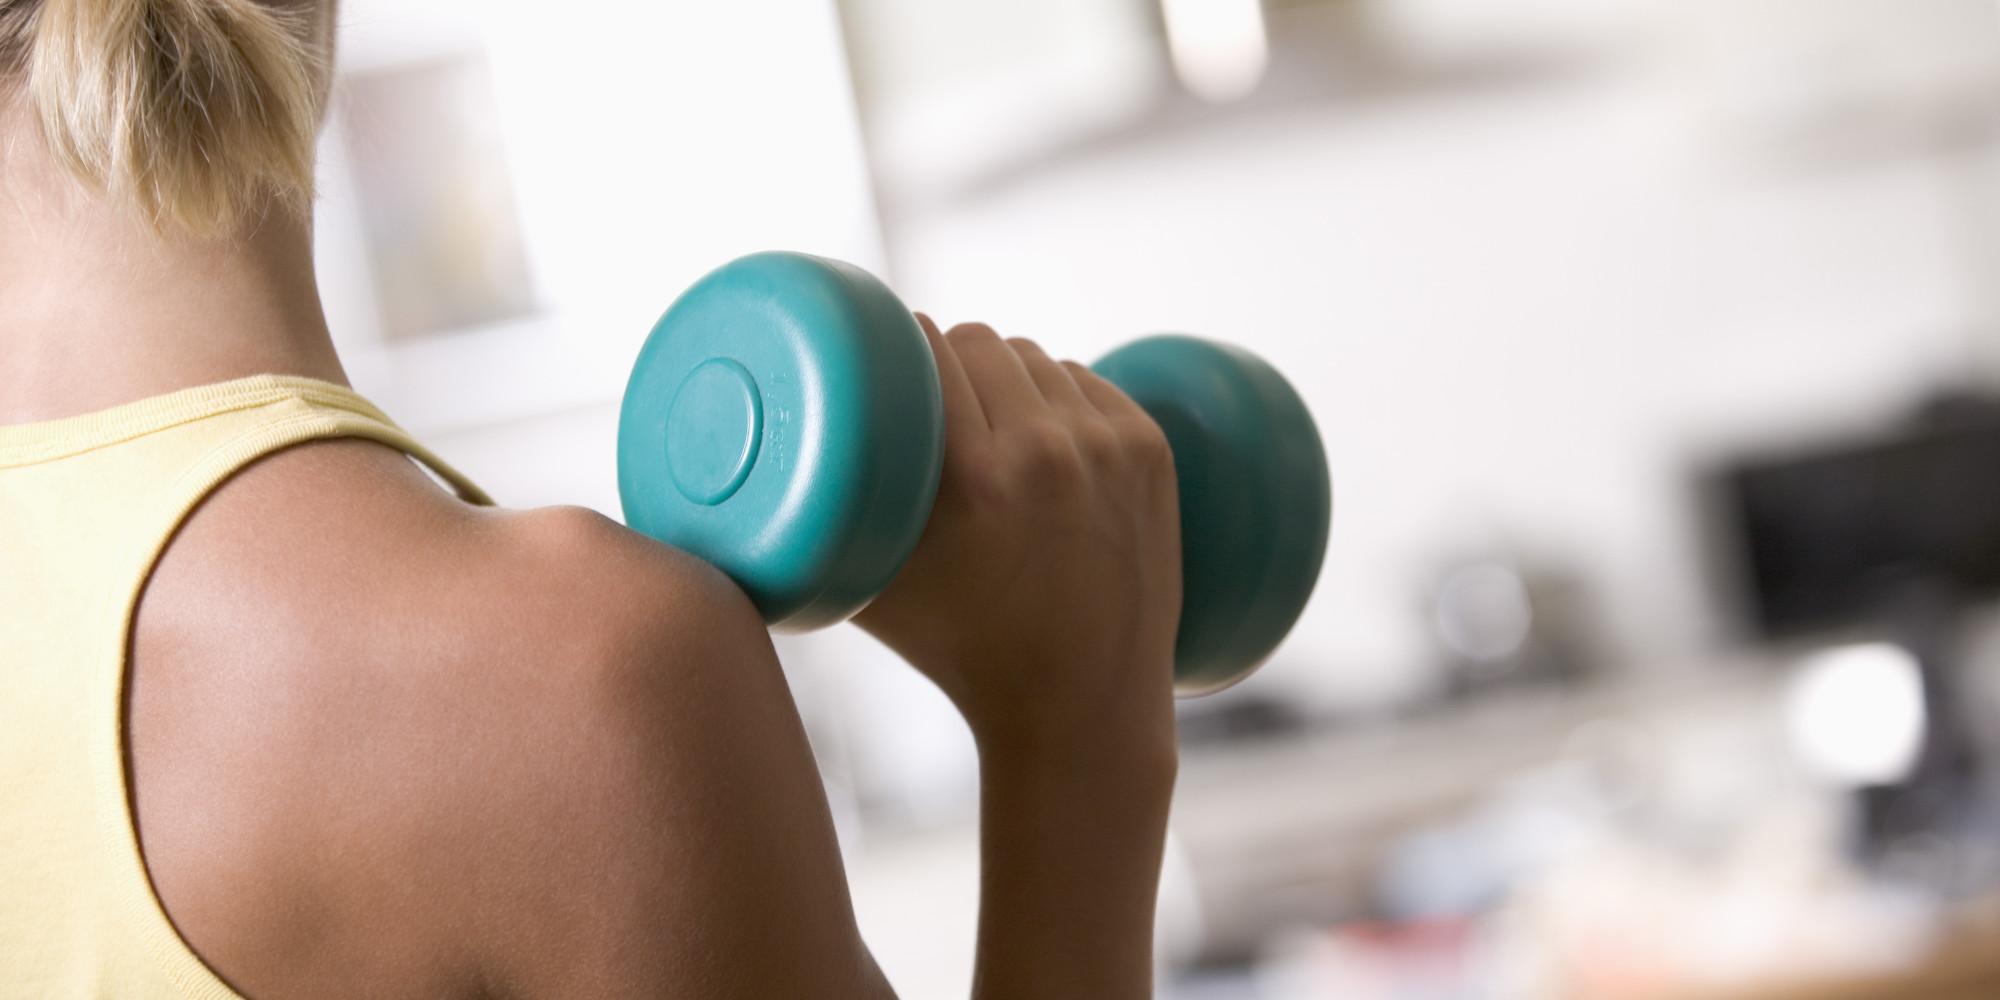 Súlyzós gyakorlatok vagy kardio edzés? Melyiket válaszd?